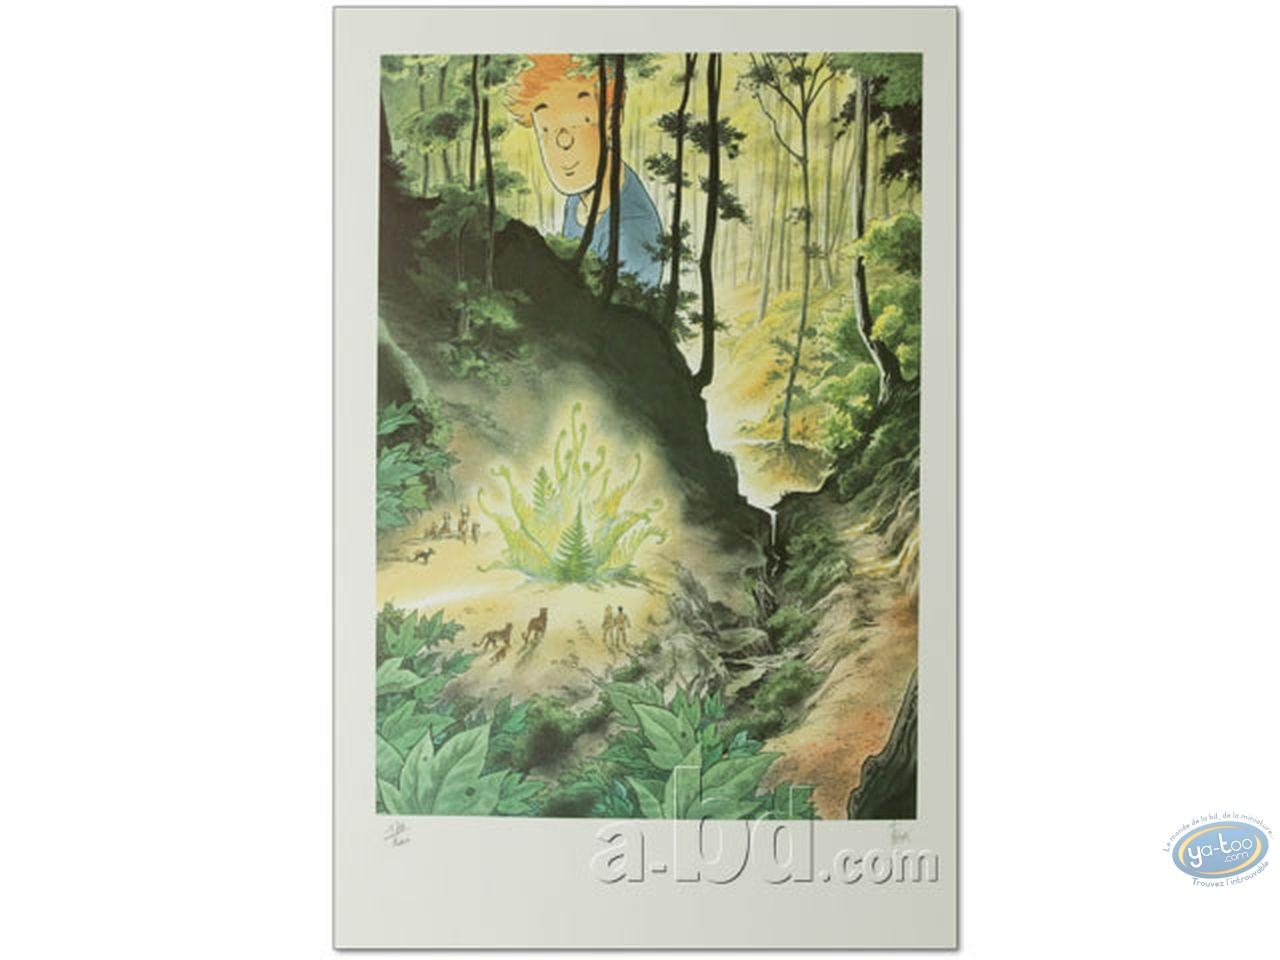 Affiche Offset, Broussaille : La forêt